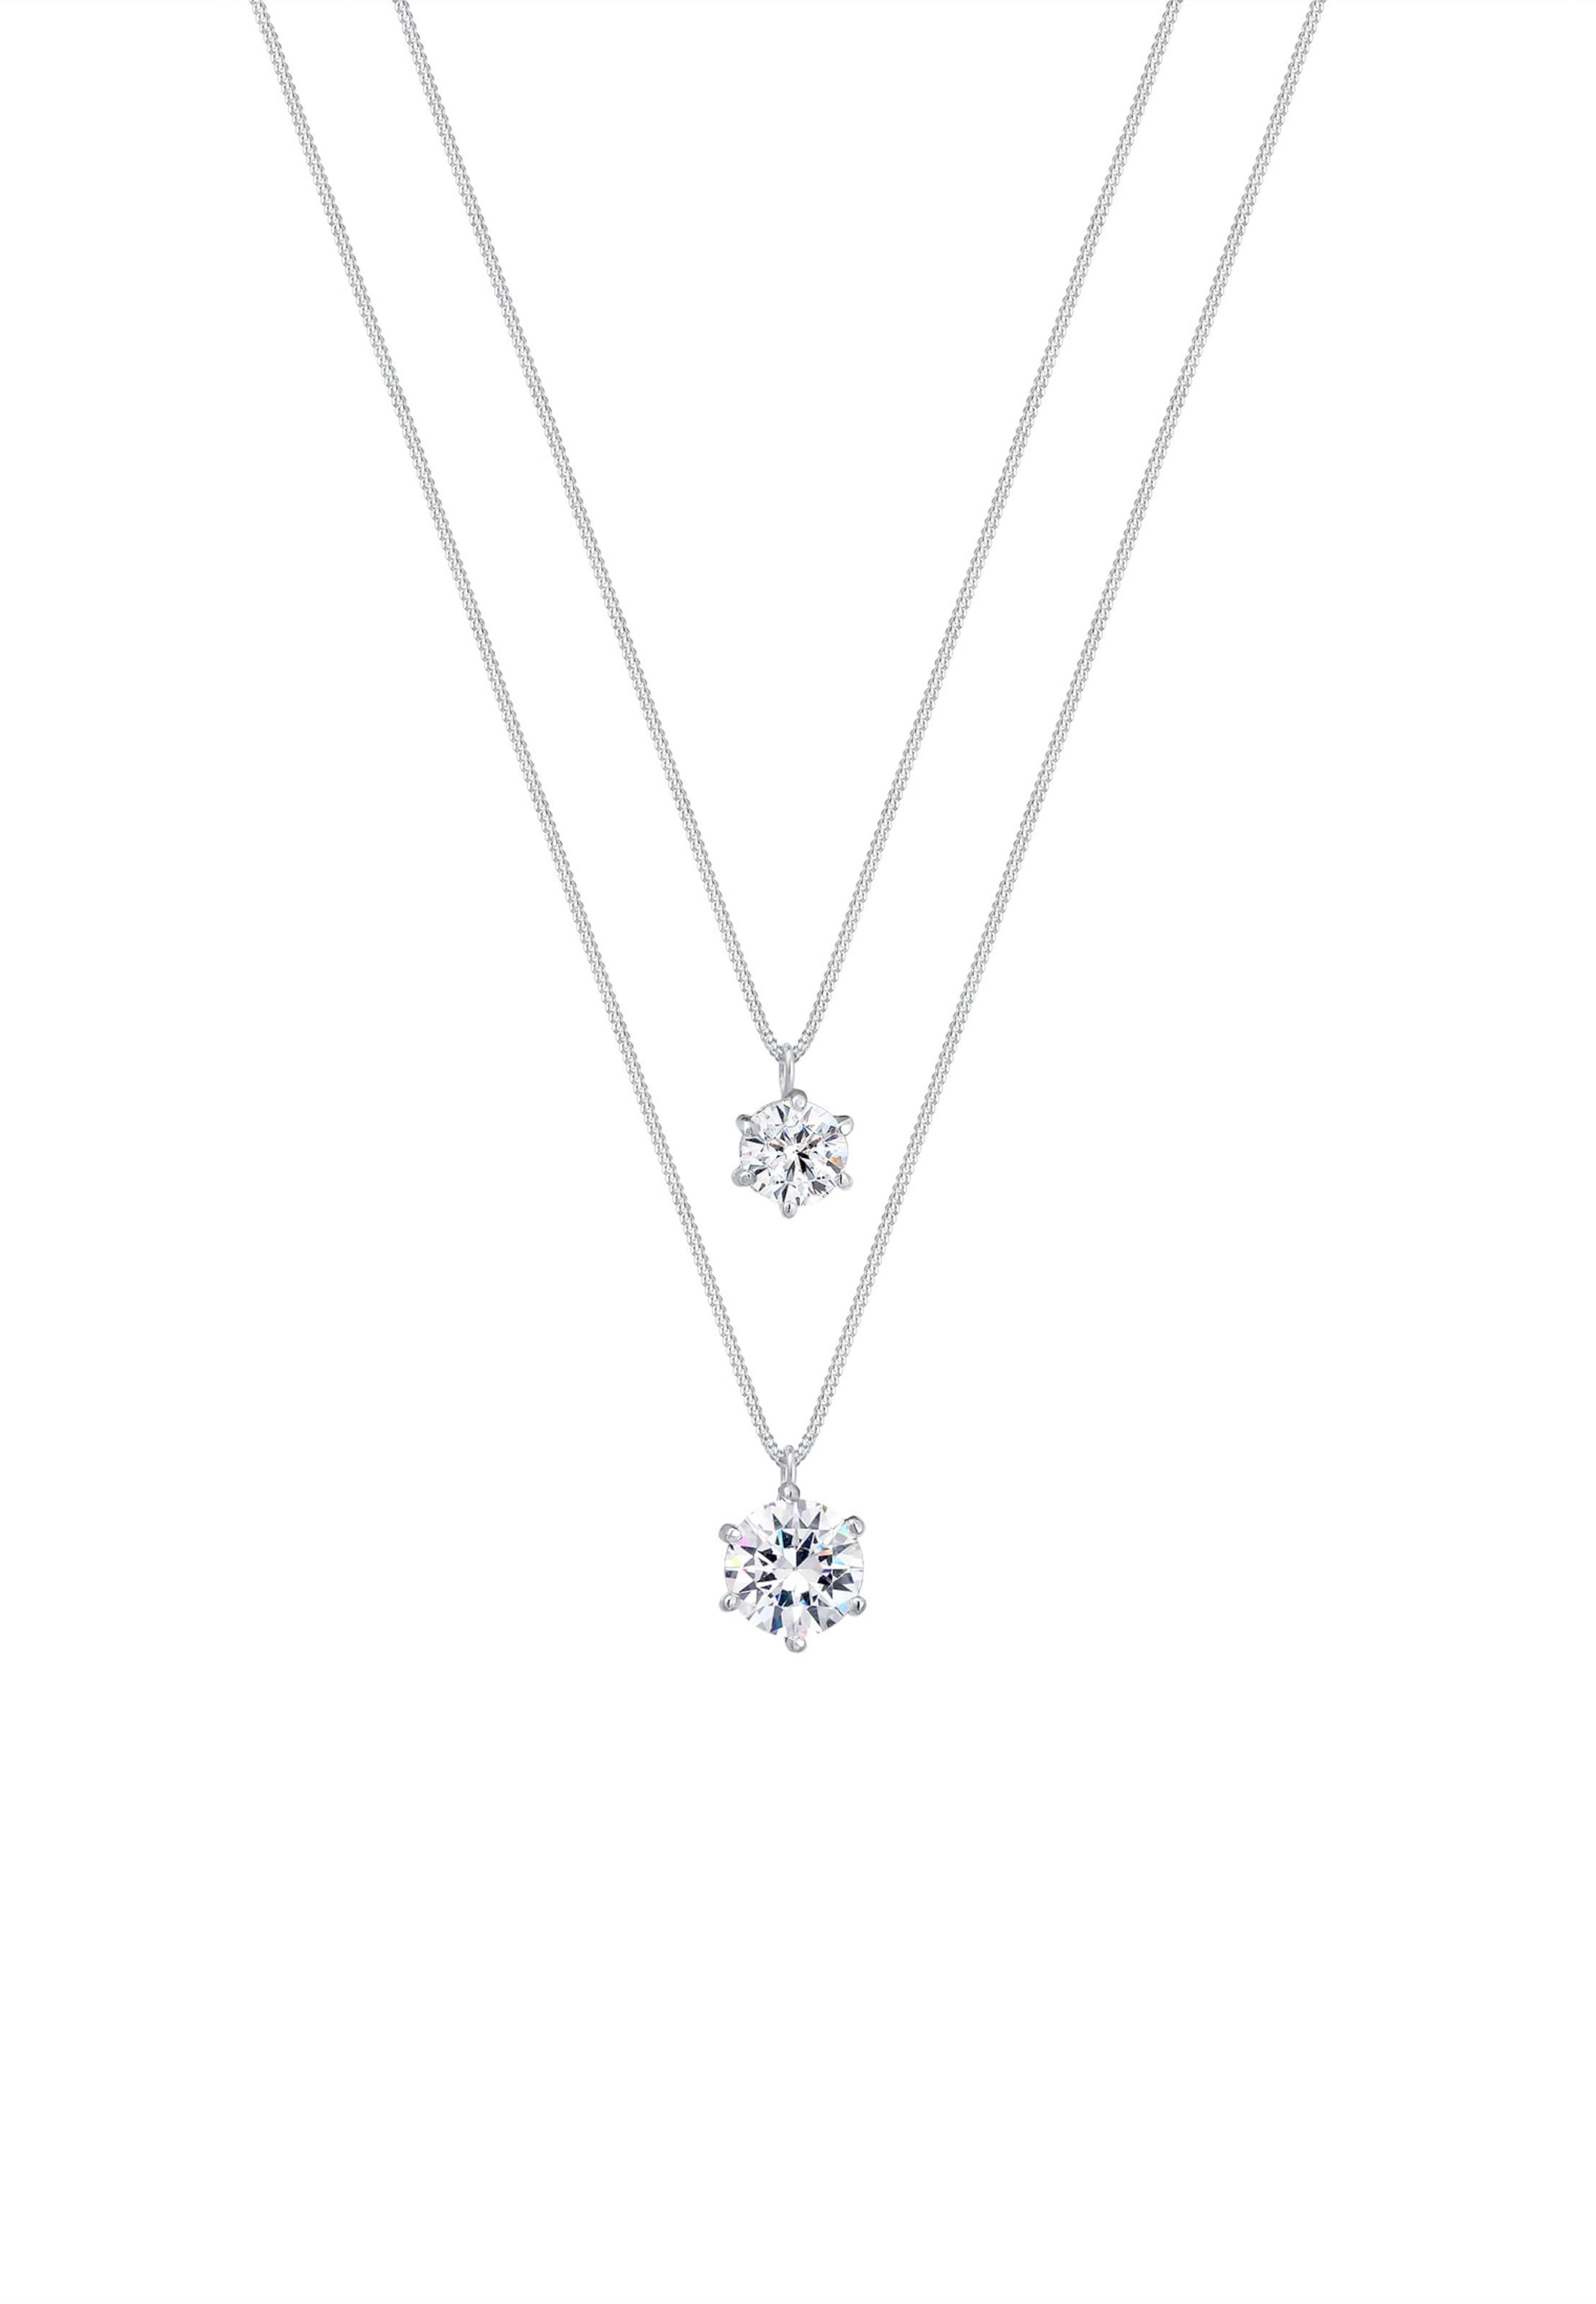 Halskette SilberTransparent Elli Halskette Elli In 7v6gfyYb